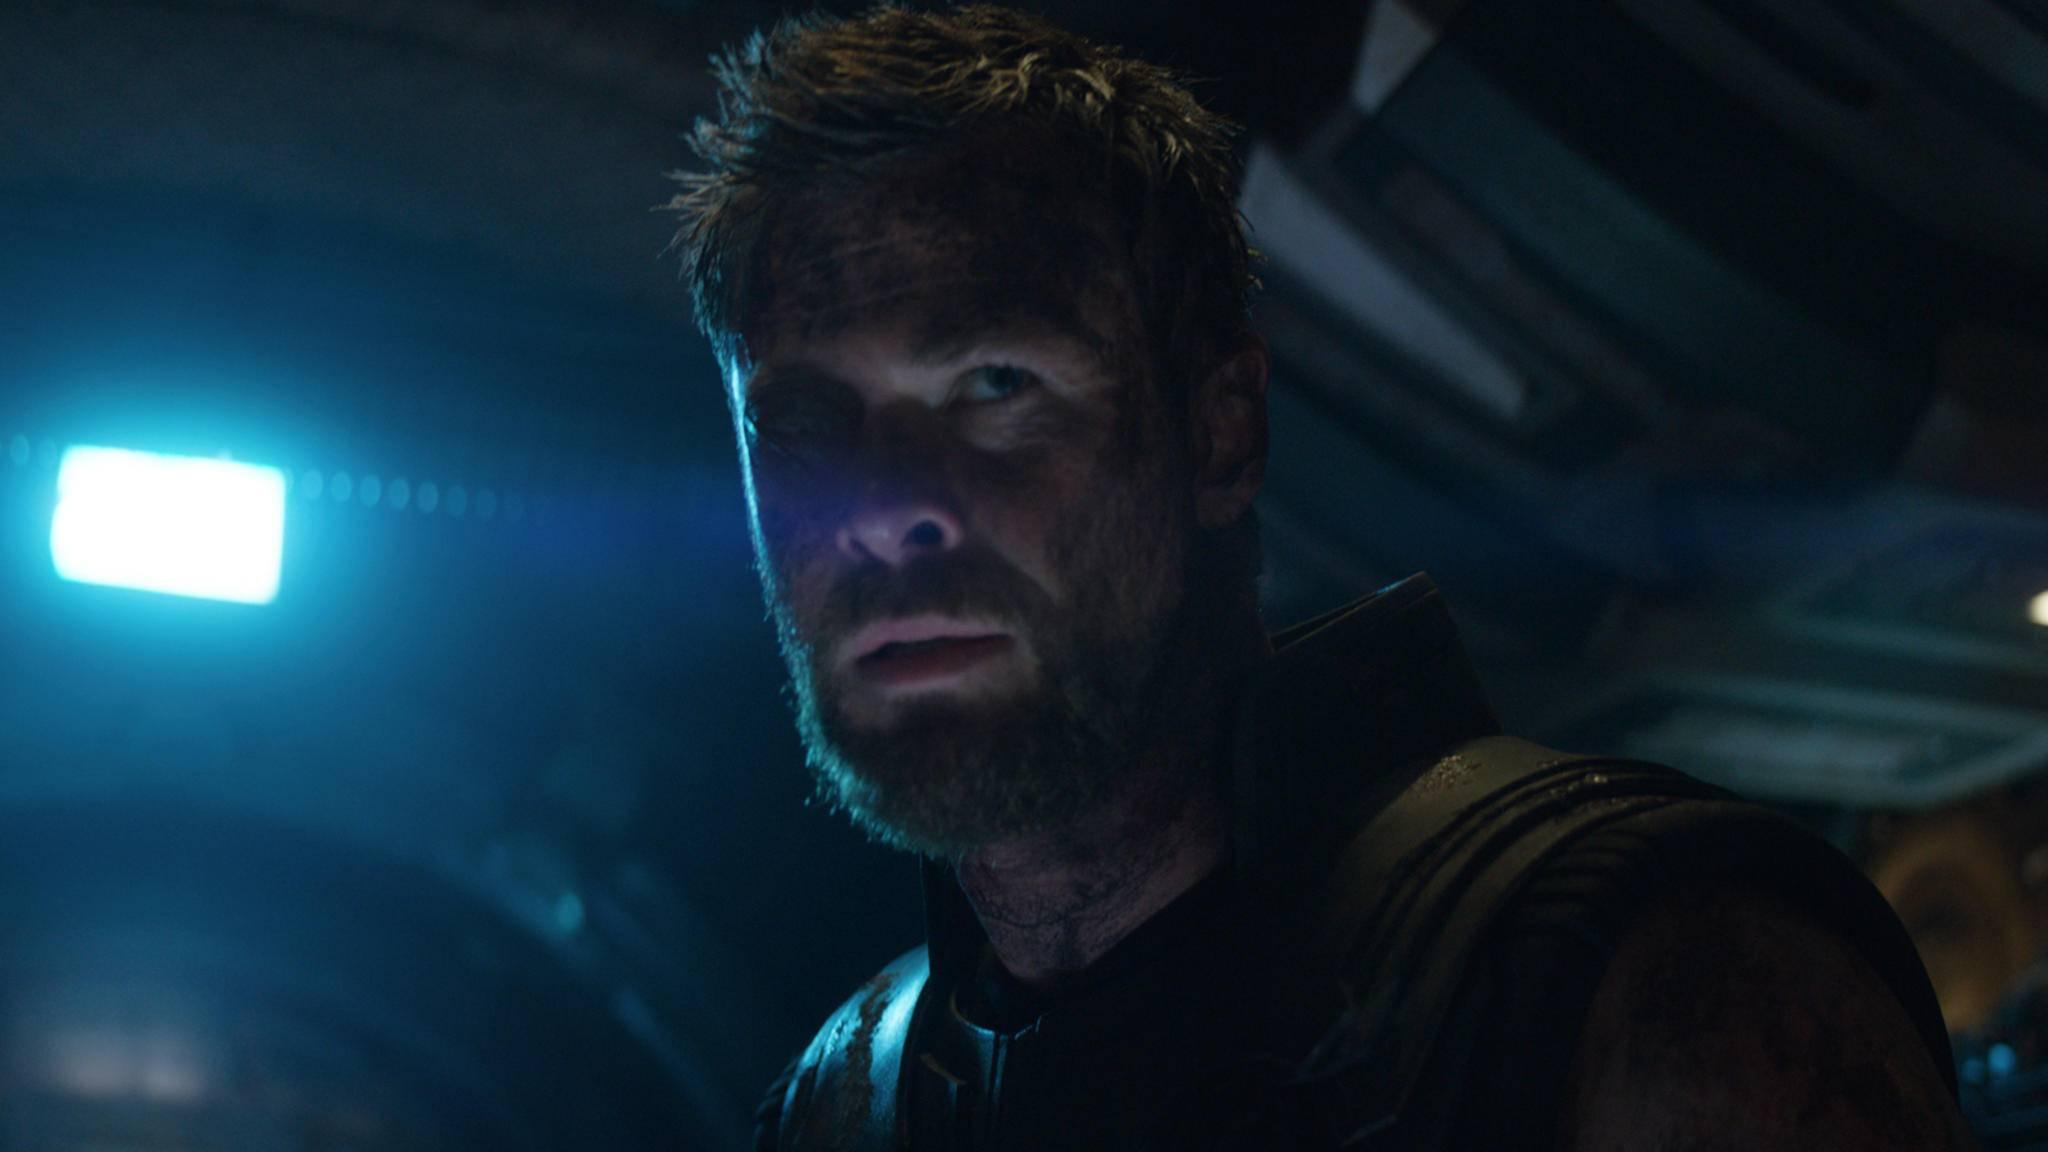 Das klingt gar nicht gut, was Chris Hemsworth da ausgeplaudert hat.